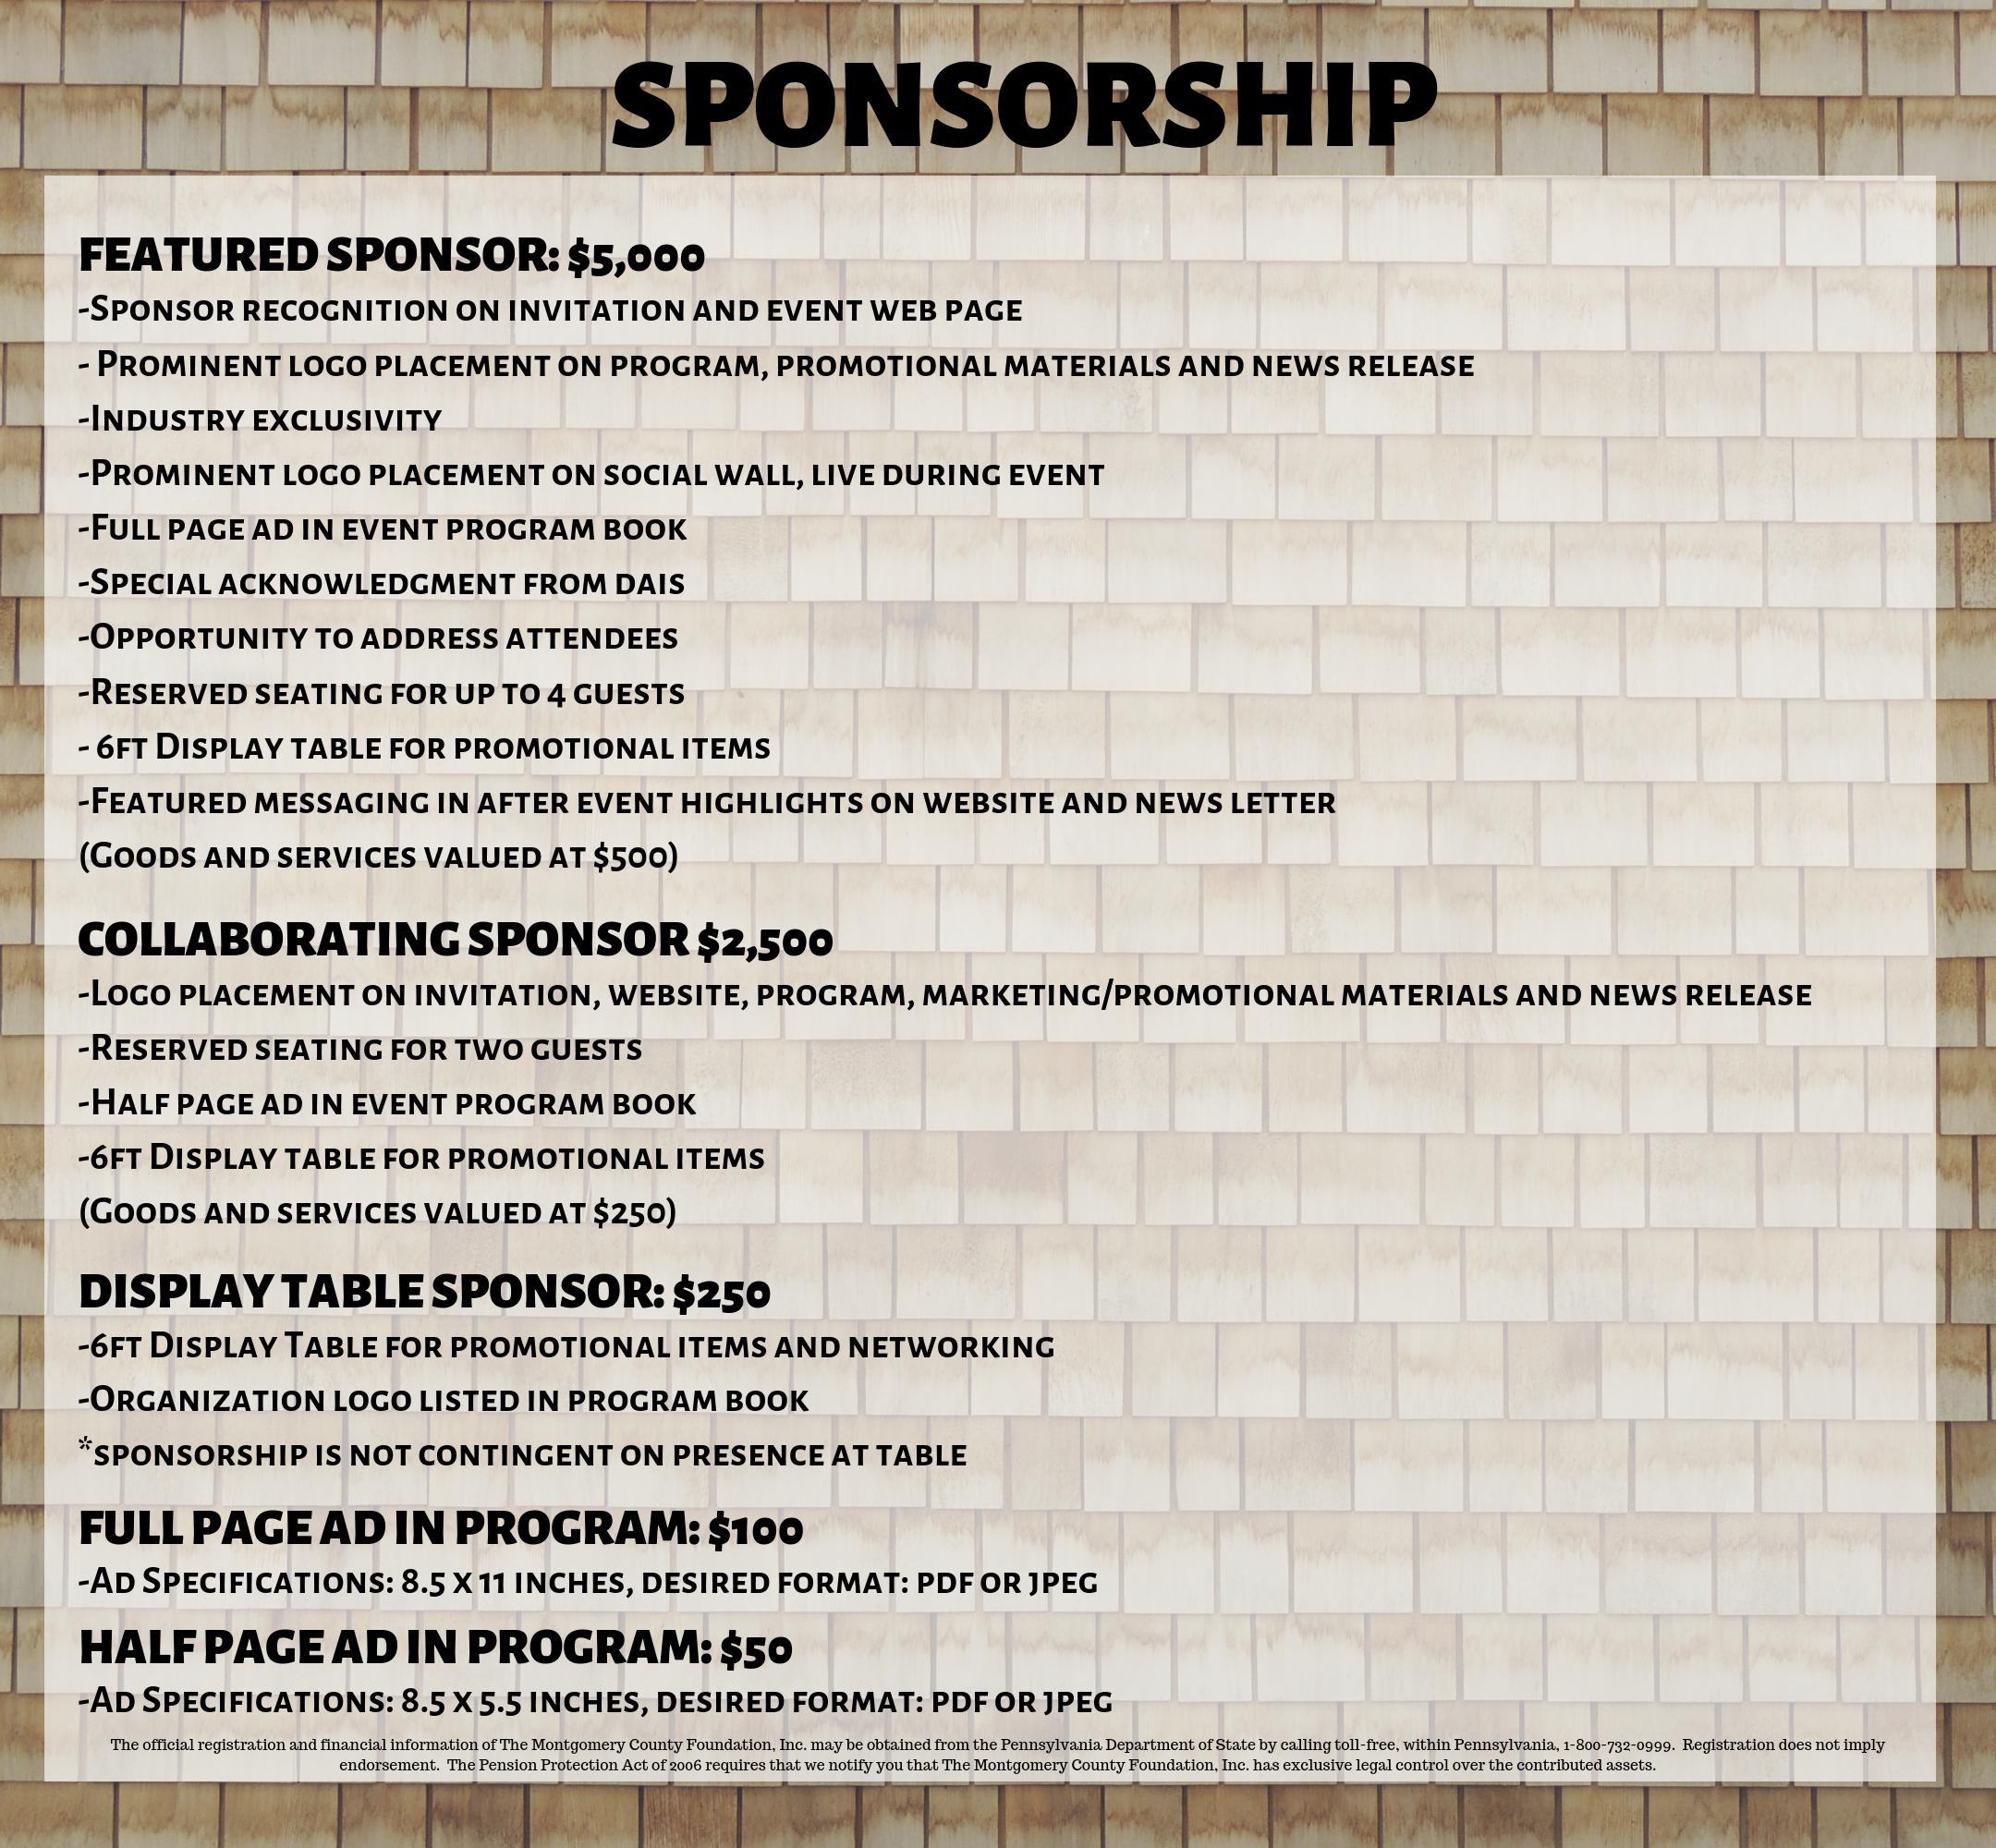 sponsor image.png